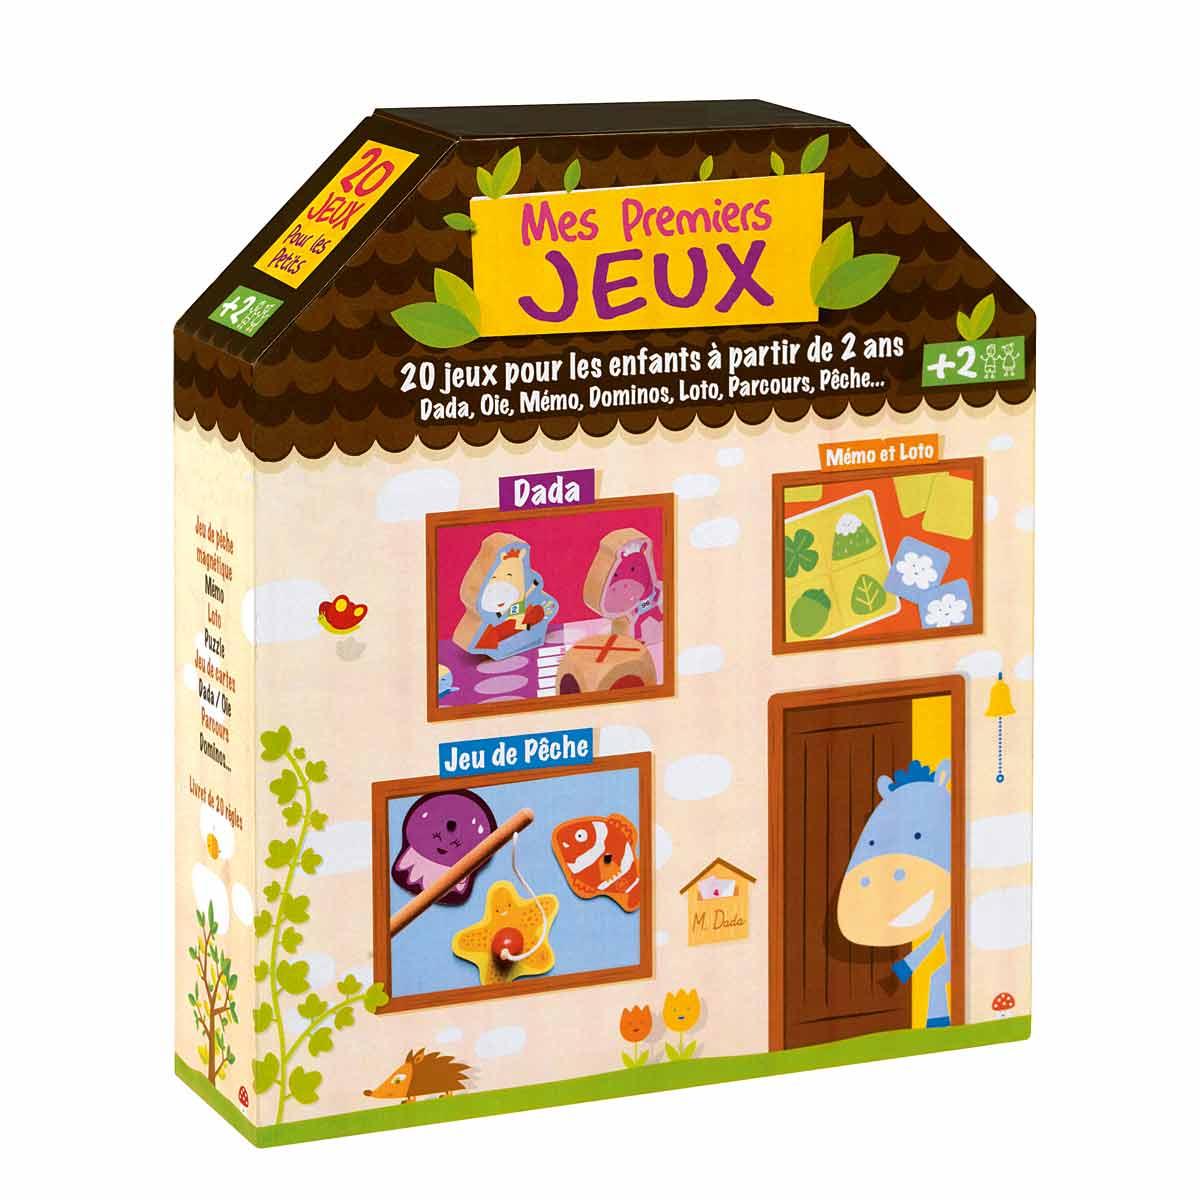 jouets oxybul eveil et jeux coffret mes premiers jeux pour enfant prix 31 00 euros ventes. Black Bedroom Furniture Sets. Home Design Ideas